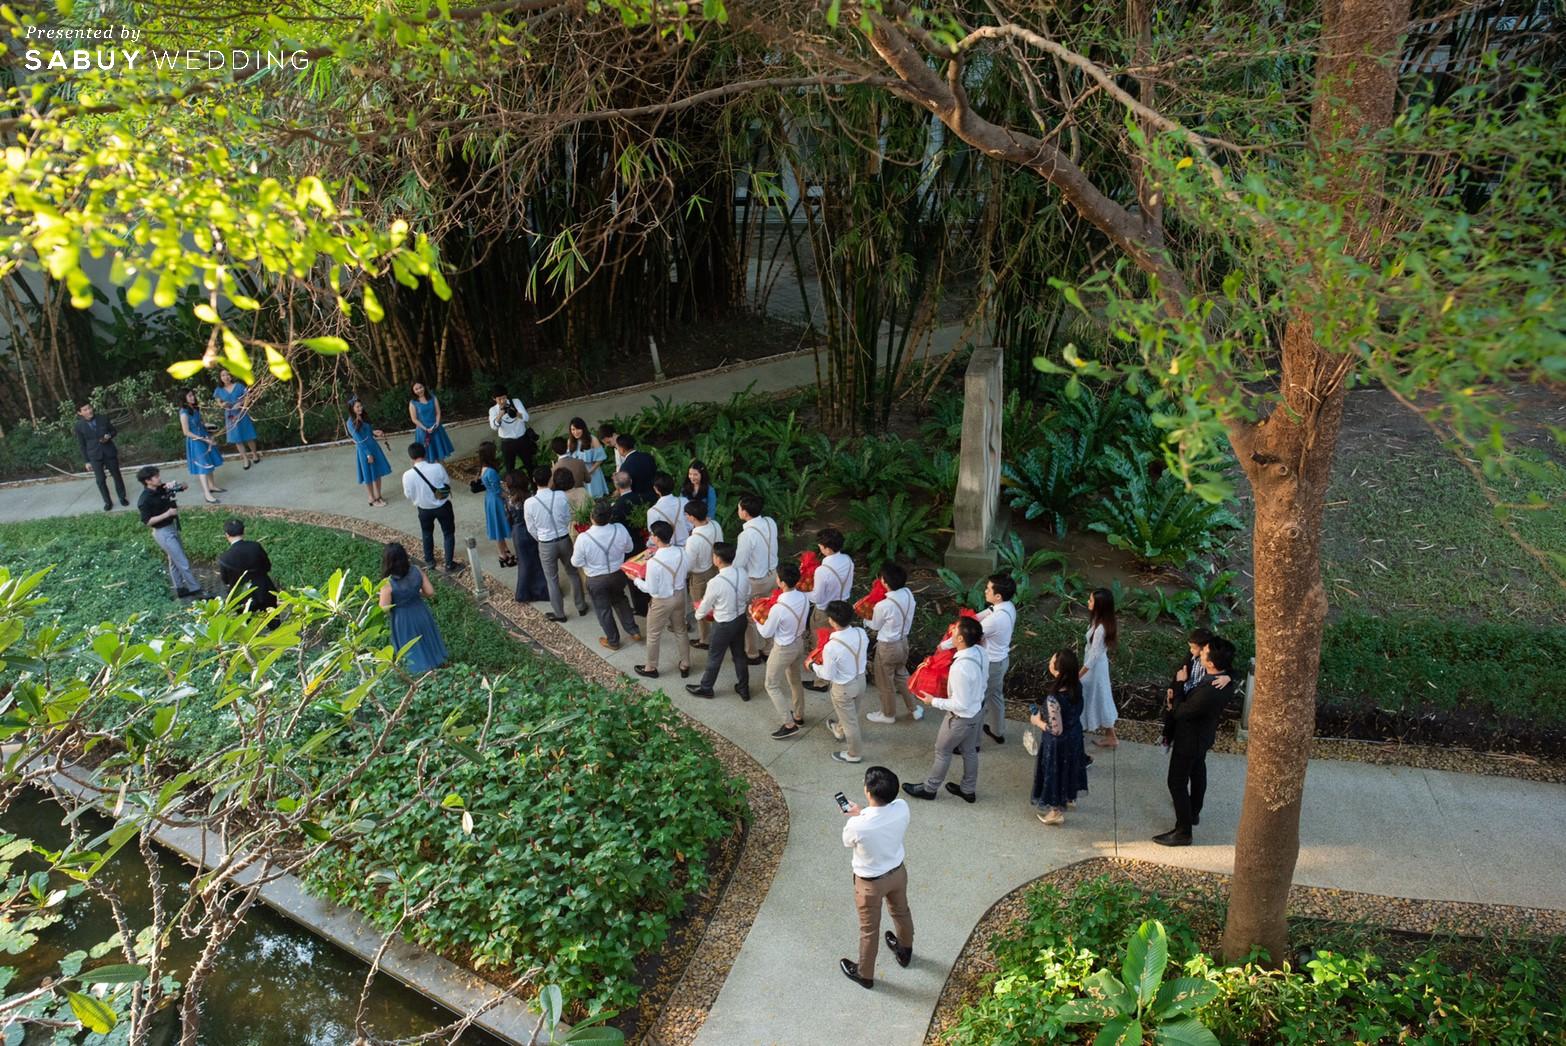 รีวิวงานแต่งริมน้ำเรียบง่าย บรรยากาศสบายสุดอบอุ่น @ Chatrium Hotel Riverside Bangkok